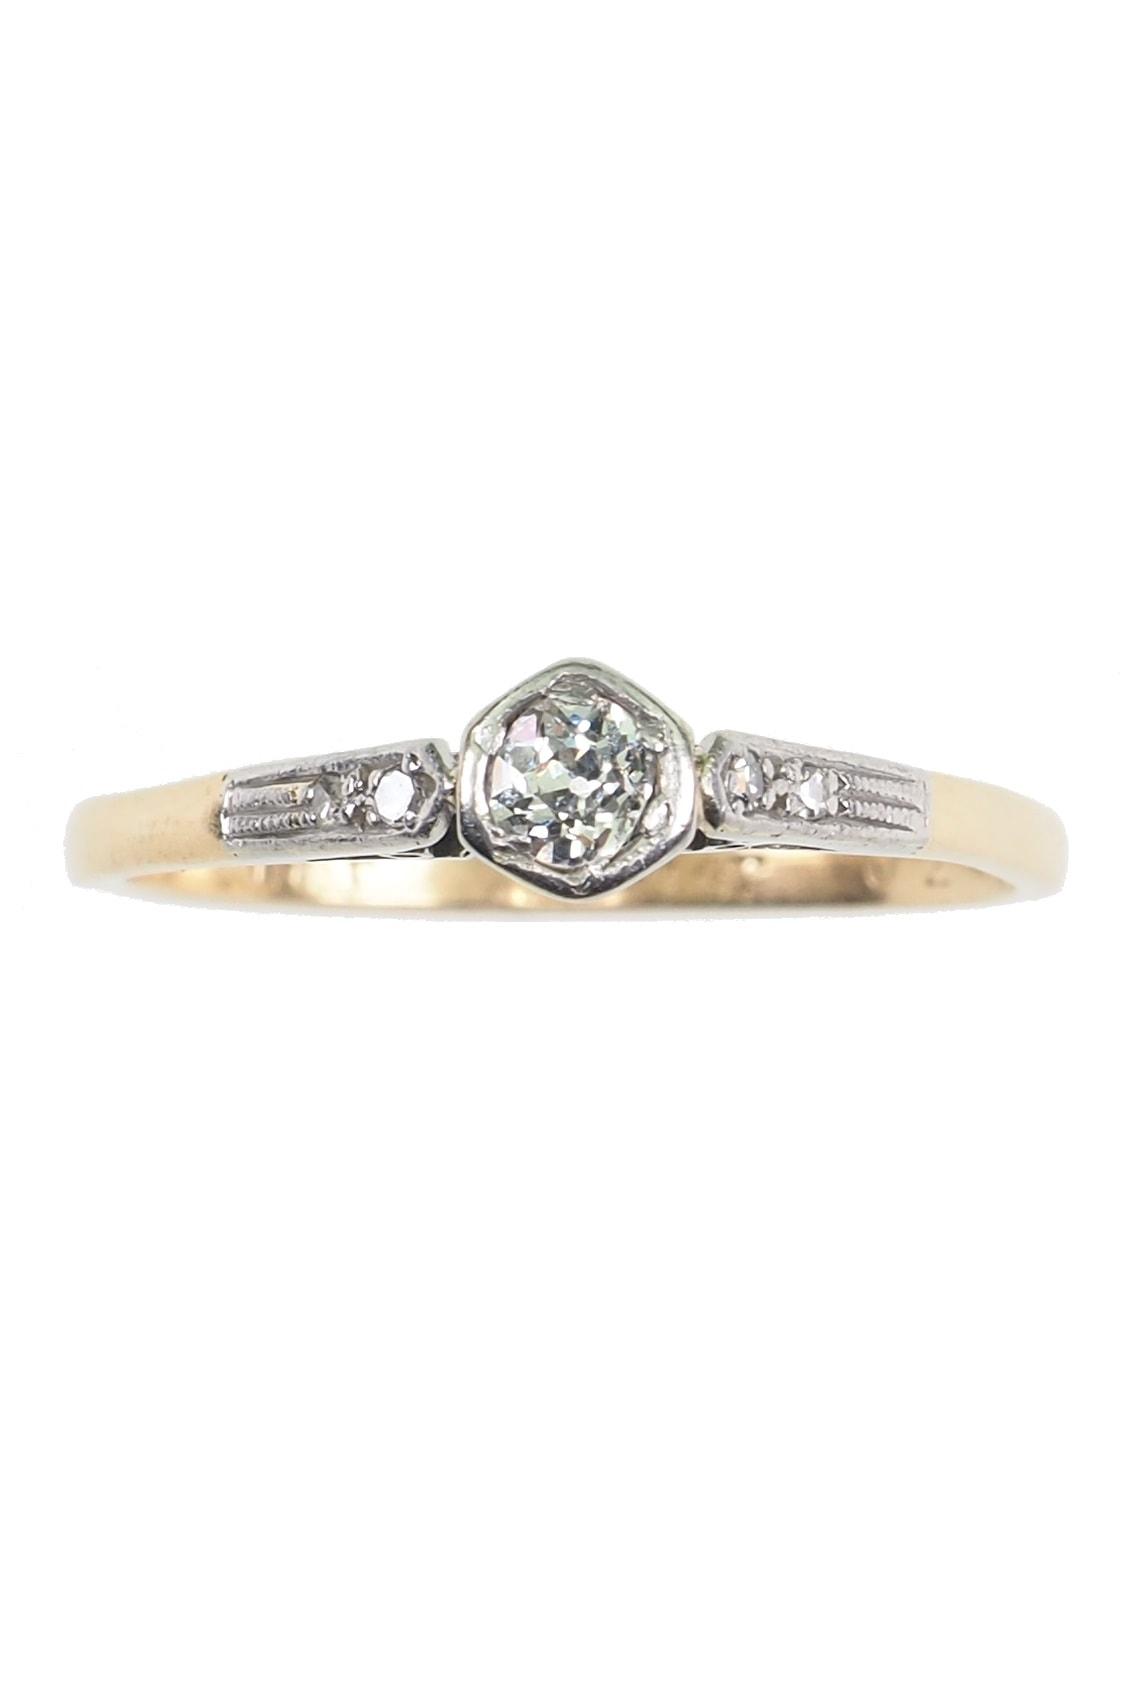 antike-Verlobungsringe-kaufen-2686